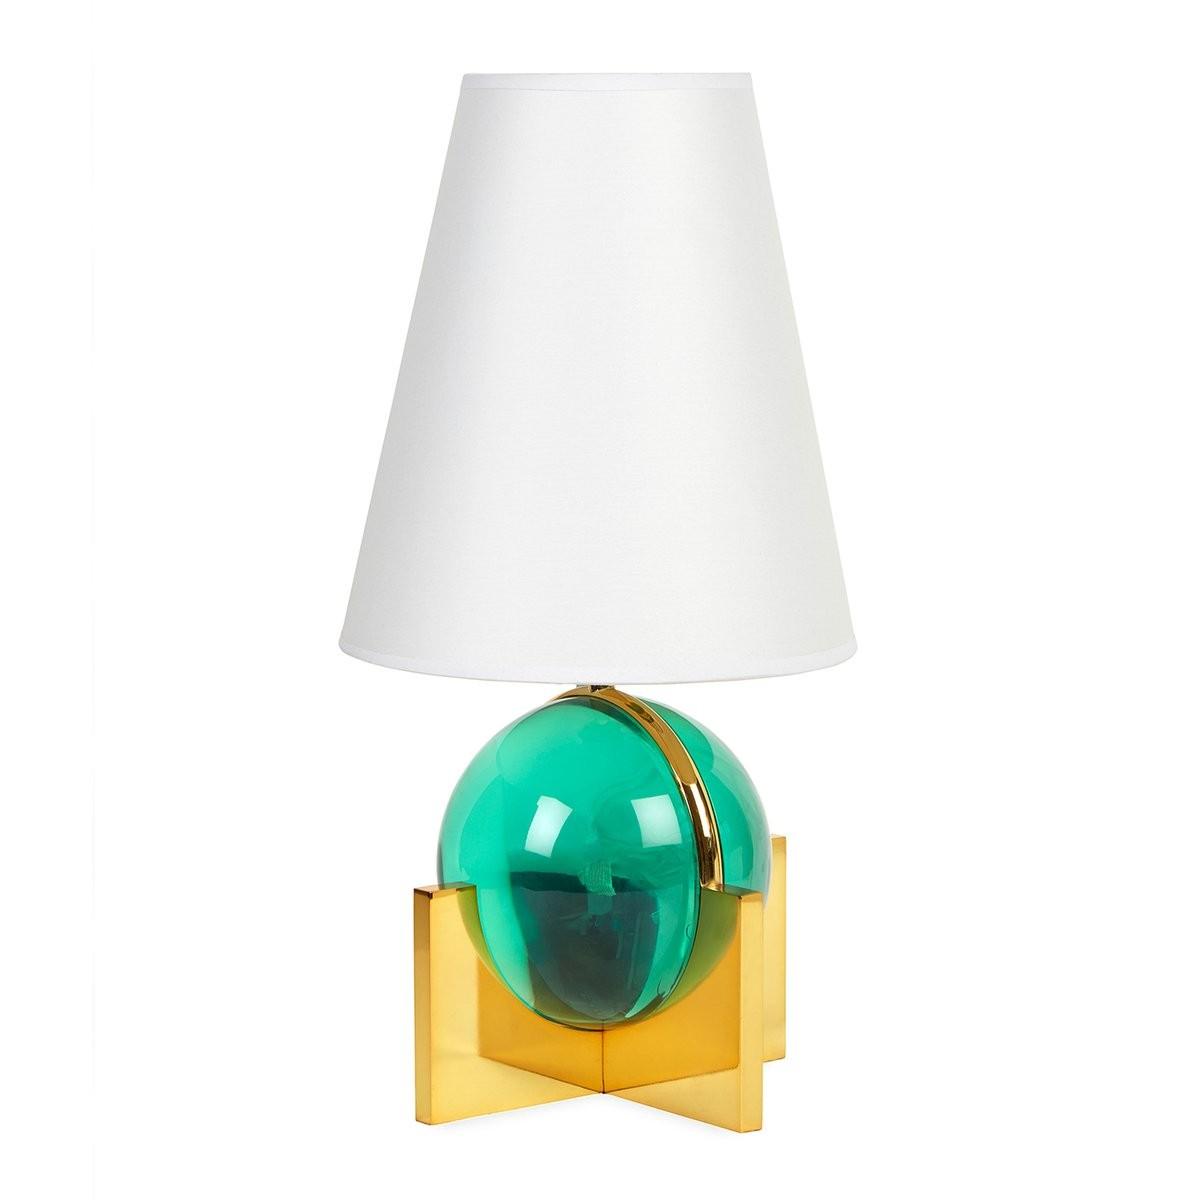 Jonathan Adler I Globo Vanity Lamp